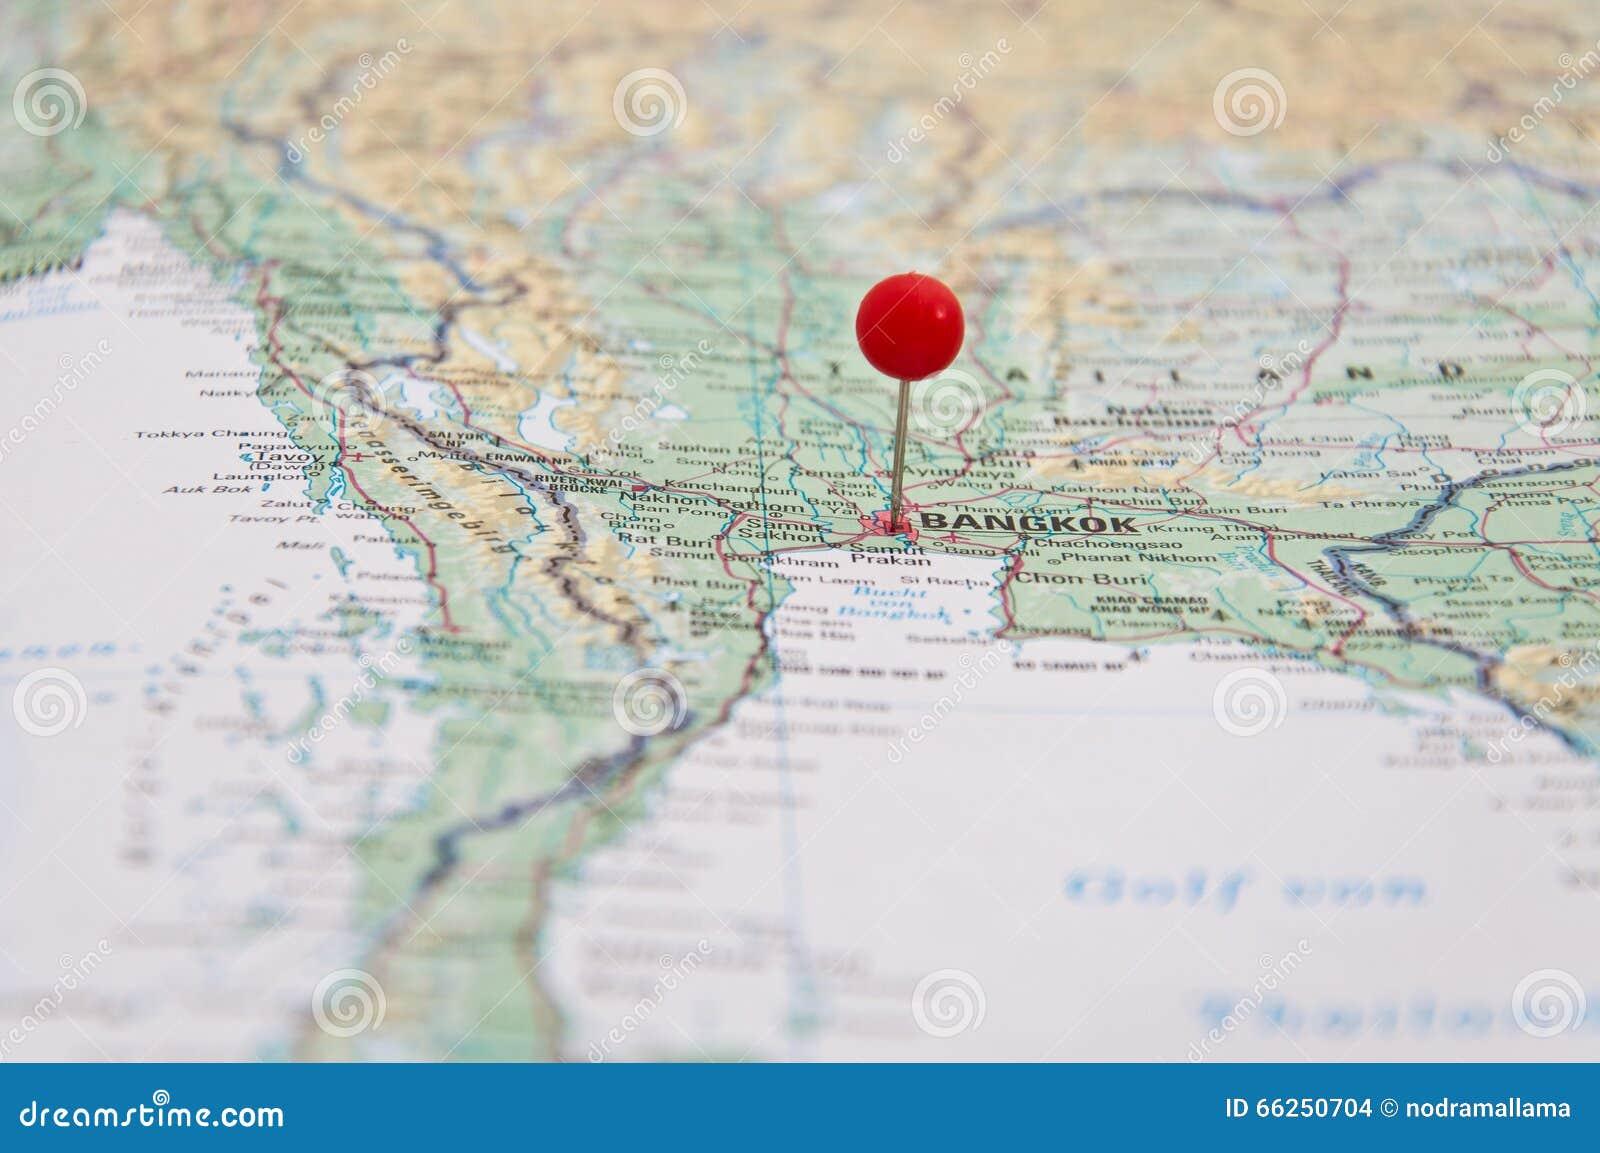 Bangkok Thailand Red Pin Close Up Map Stock Image of